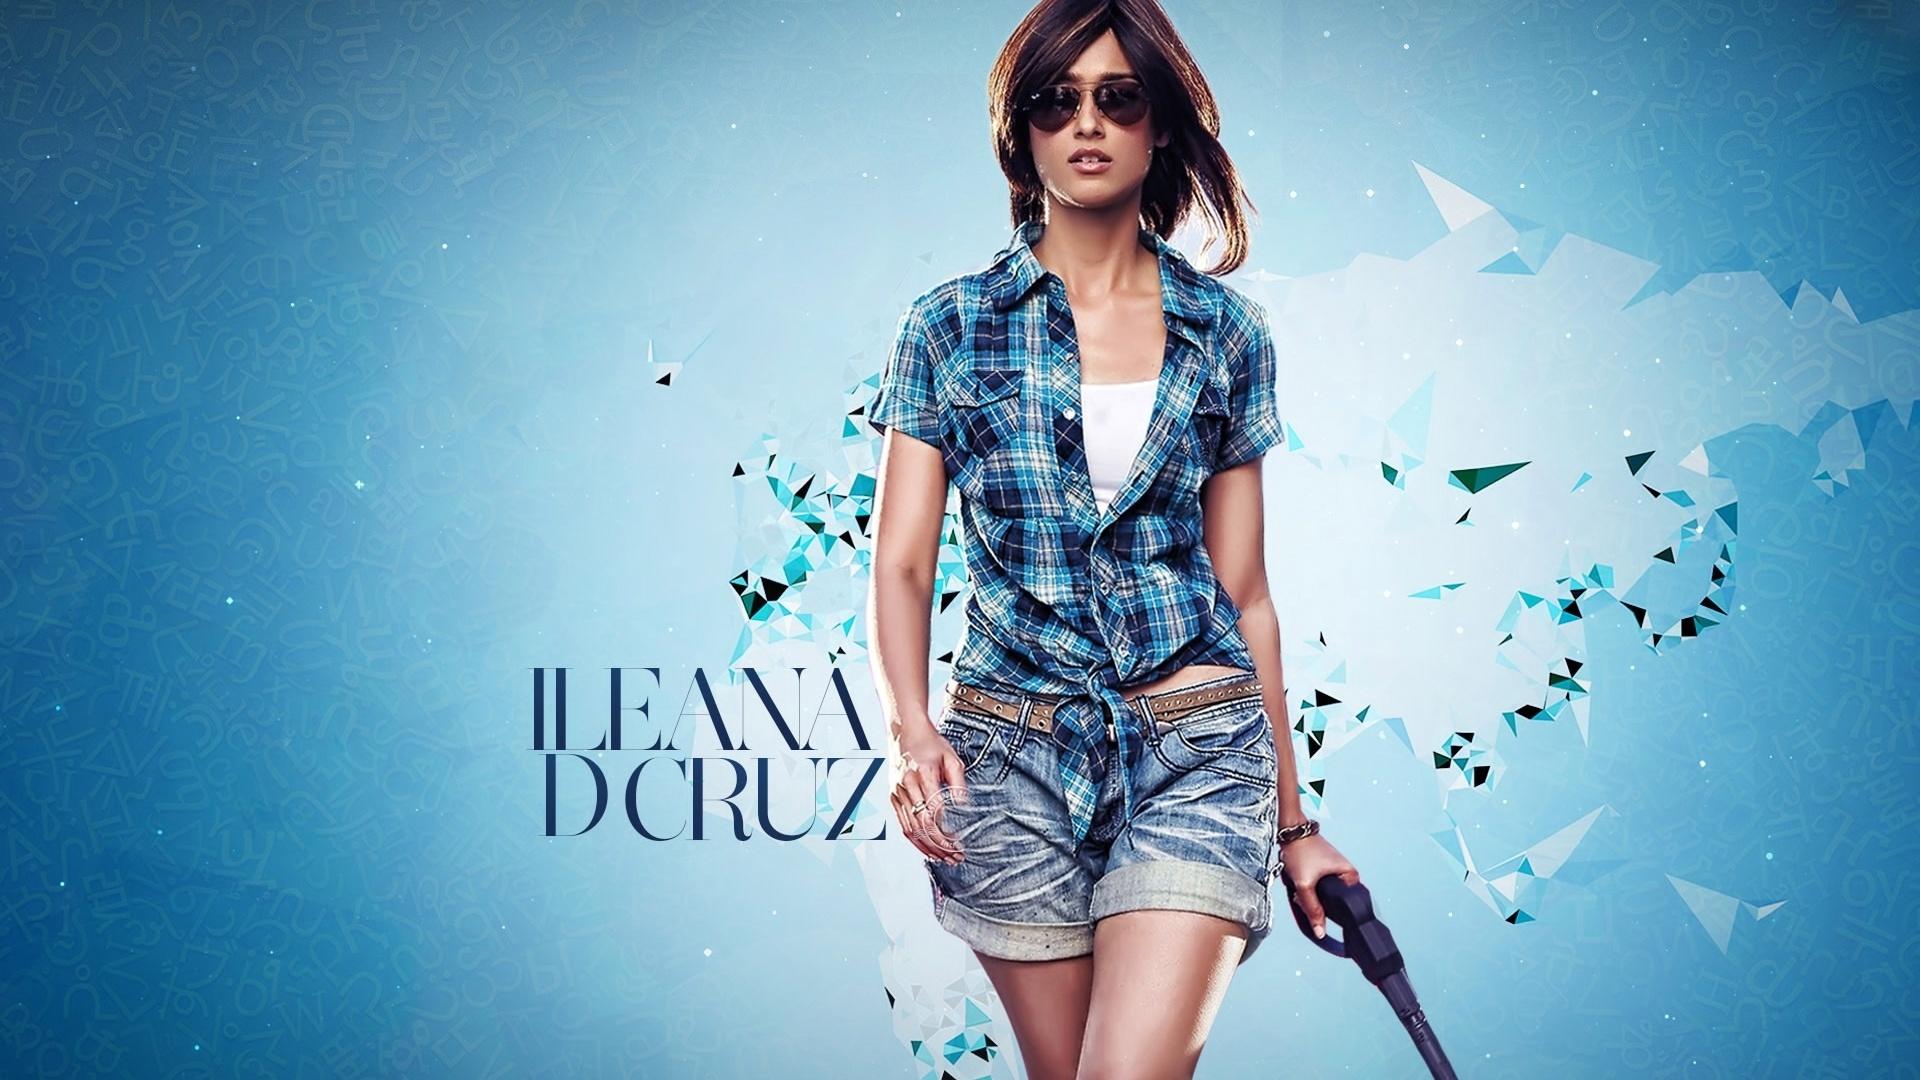 Ileana d cruz actress pictures